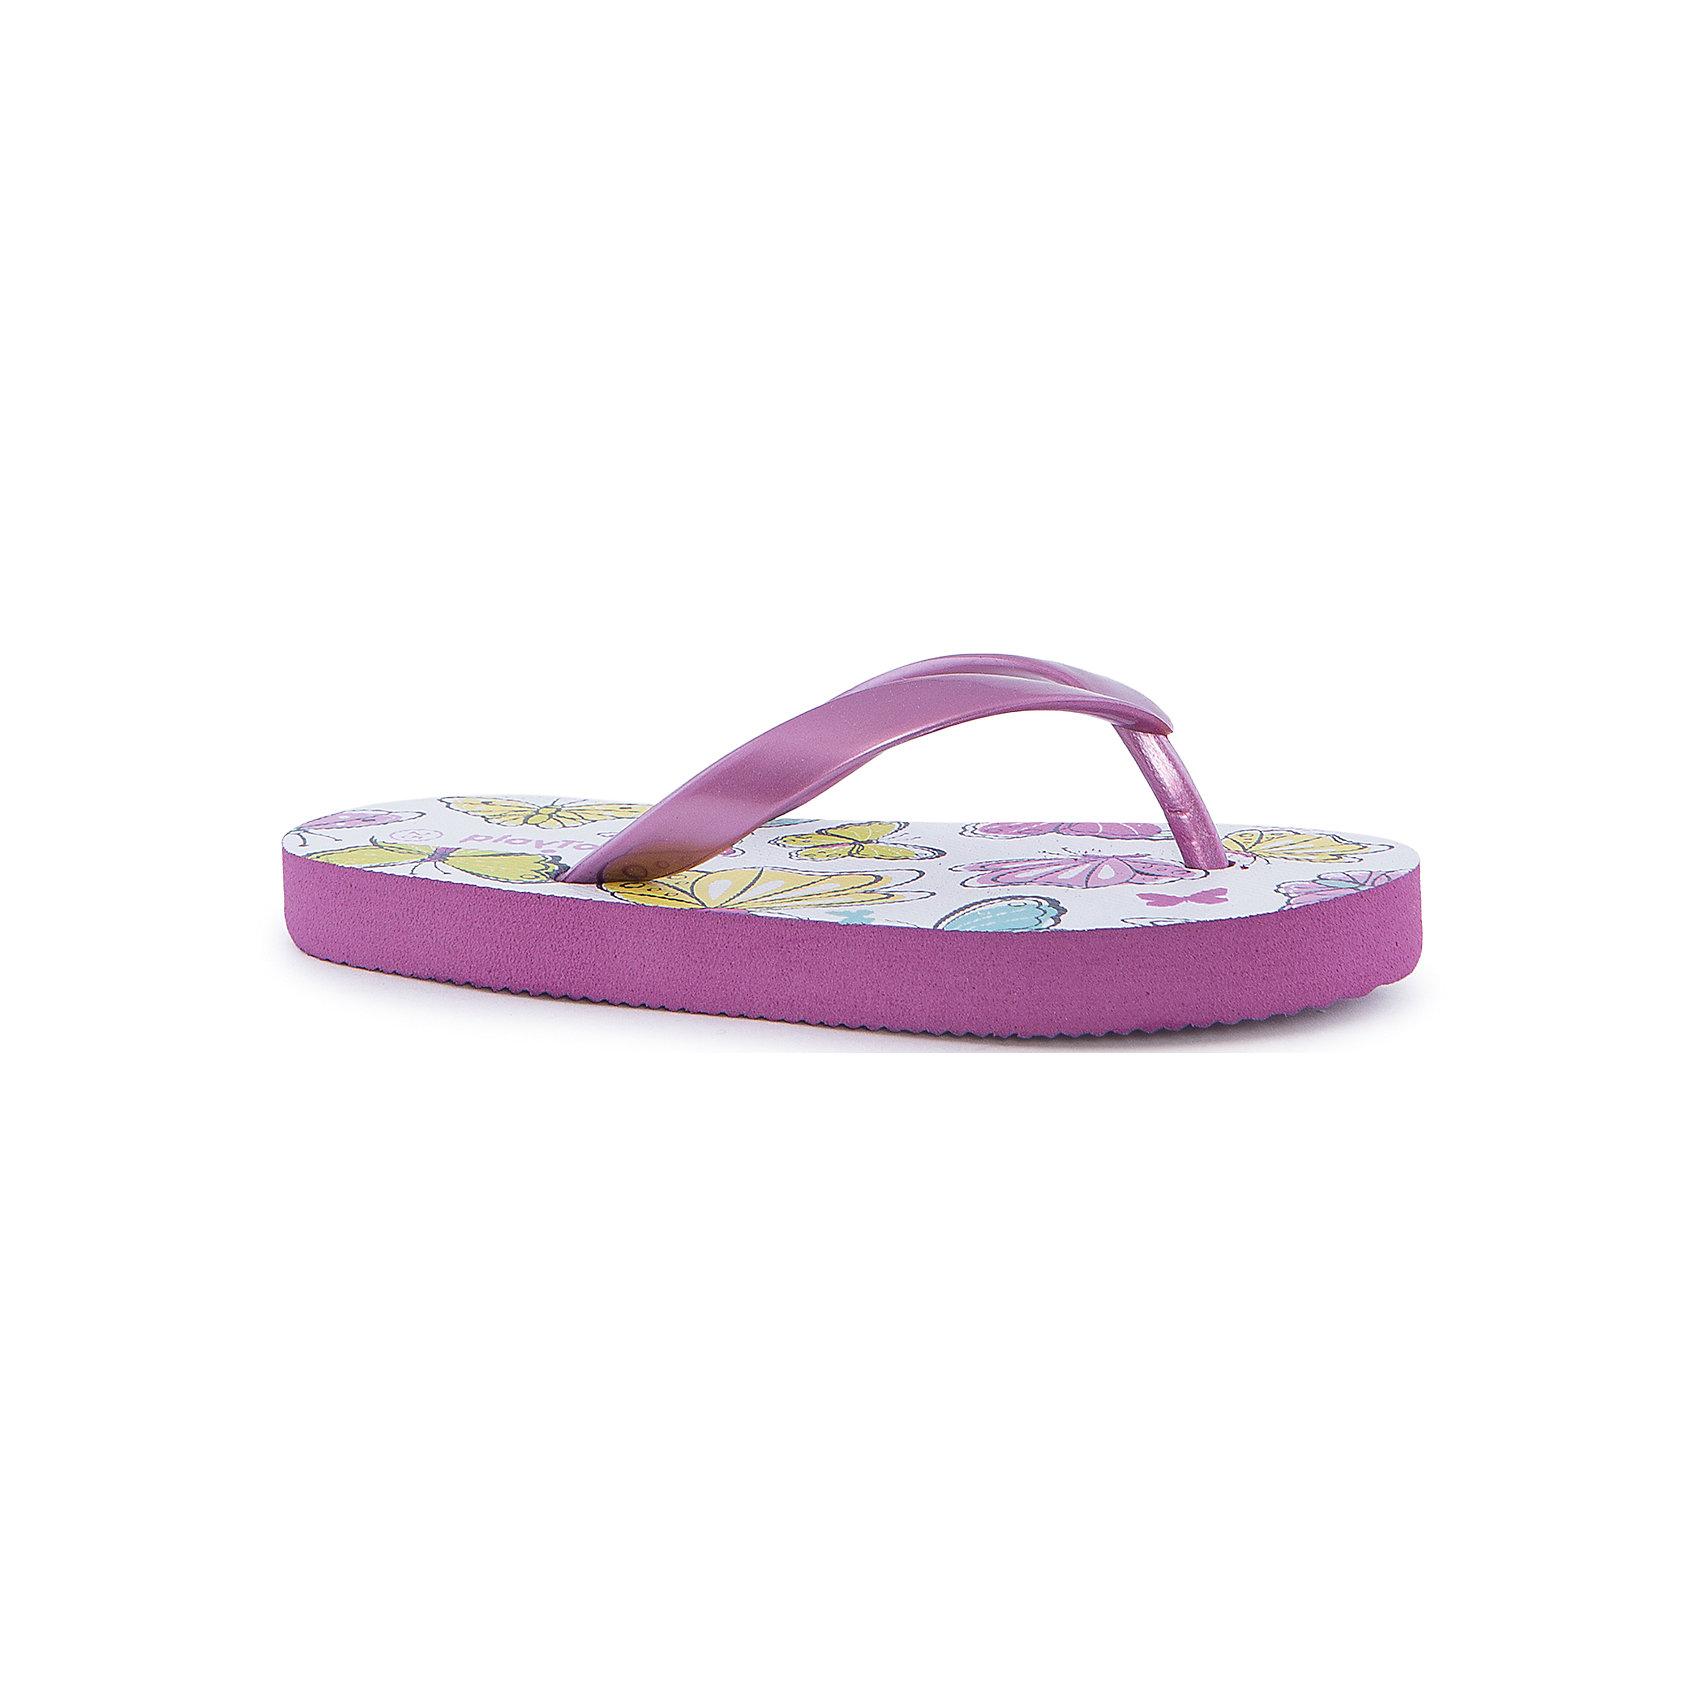 Шлепанцы для девочки PlayTodayПляжная обувь<br>Пантолеты для девочки PlayToday <br><br>Состав: 100% поливинилхлорид <br><br>Украшены бабочками<br>Резинка сверху перламутрово-розовая<br>Подошва мягкая, с рифлением<br><br>Ширина мм: 225<br>Глубина мм: 139<br>Высота мм: 112<br>Вес г: 290<br>Цвет: лиловый<br>Возраст от месяцев: 24<br>Возраст до месяцев: 36<br>Пол: Женский<br>Возраст: Детский<br>Размер: 26,25,28,31,30,29,27<br>SKU: 4507915